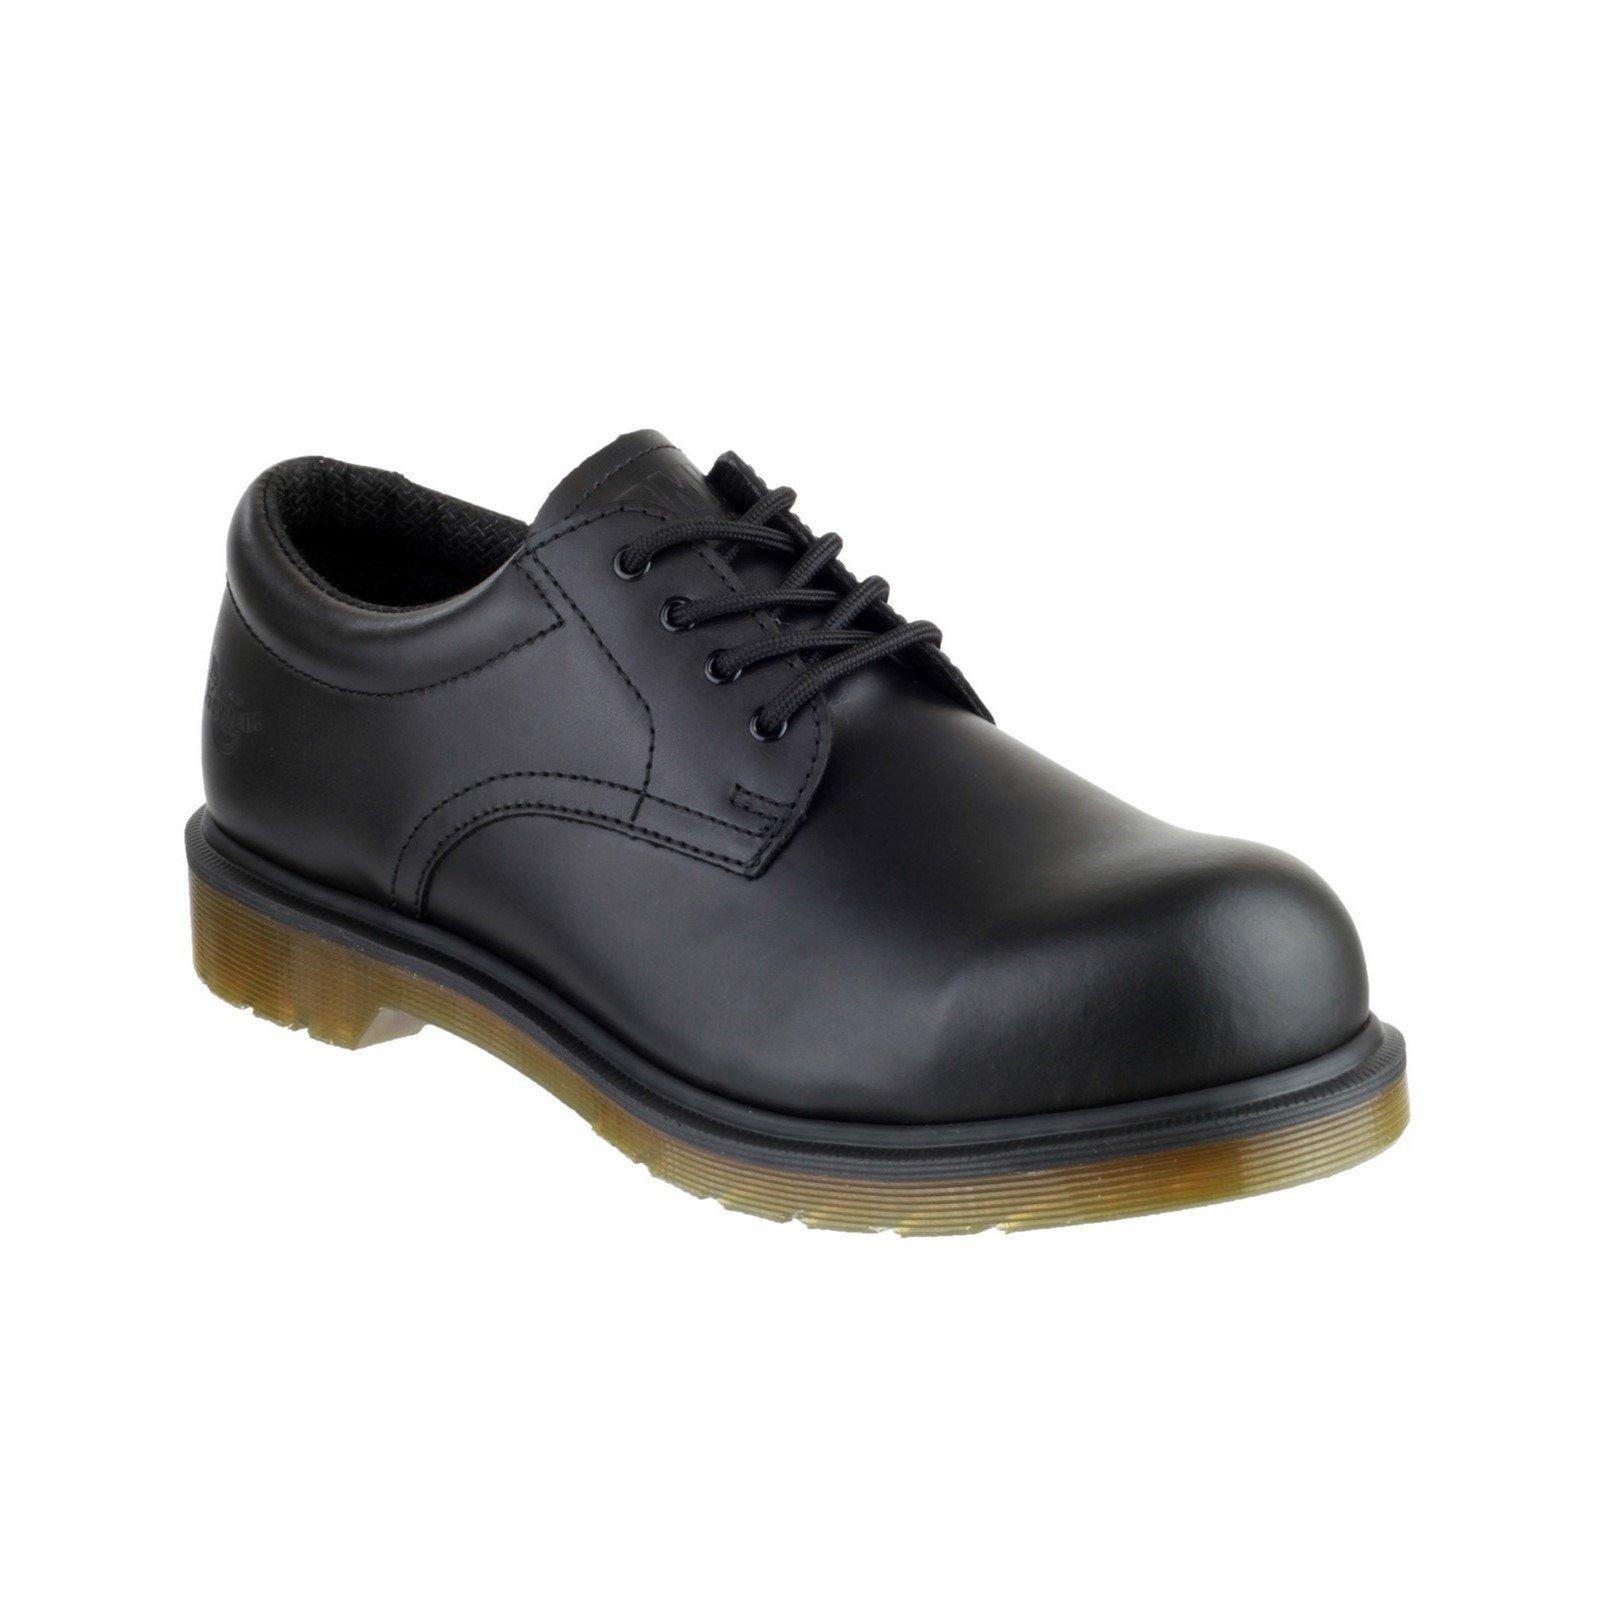 Dr Martens Unisex Icon Lace up Derby Shoe Black 00588 - Black 12